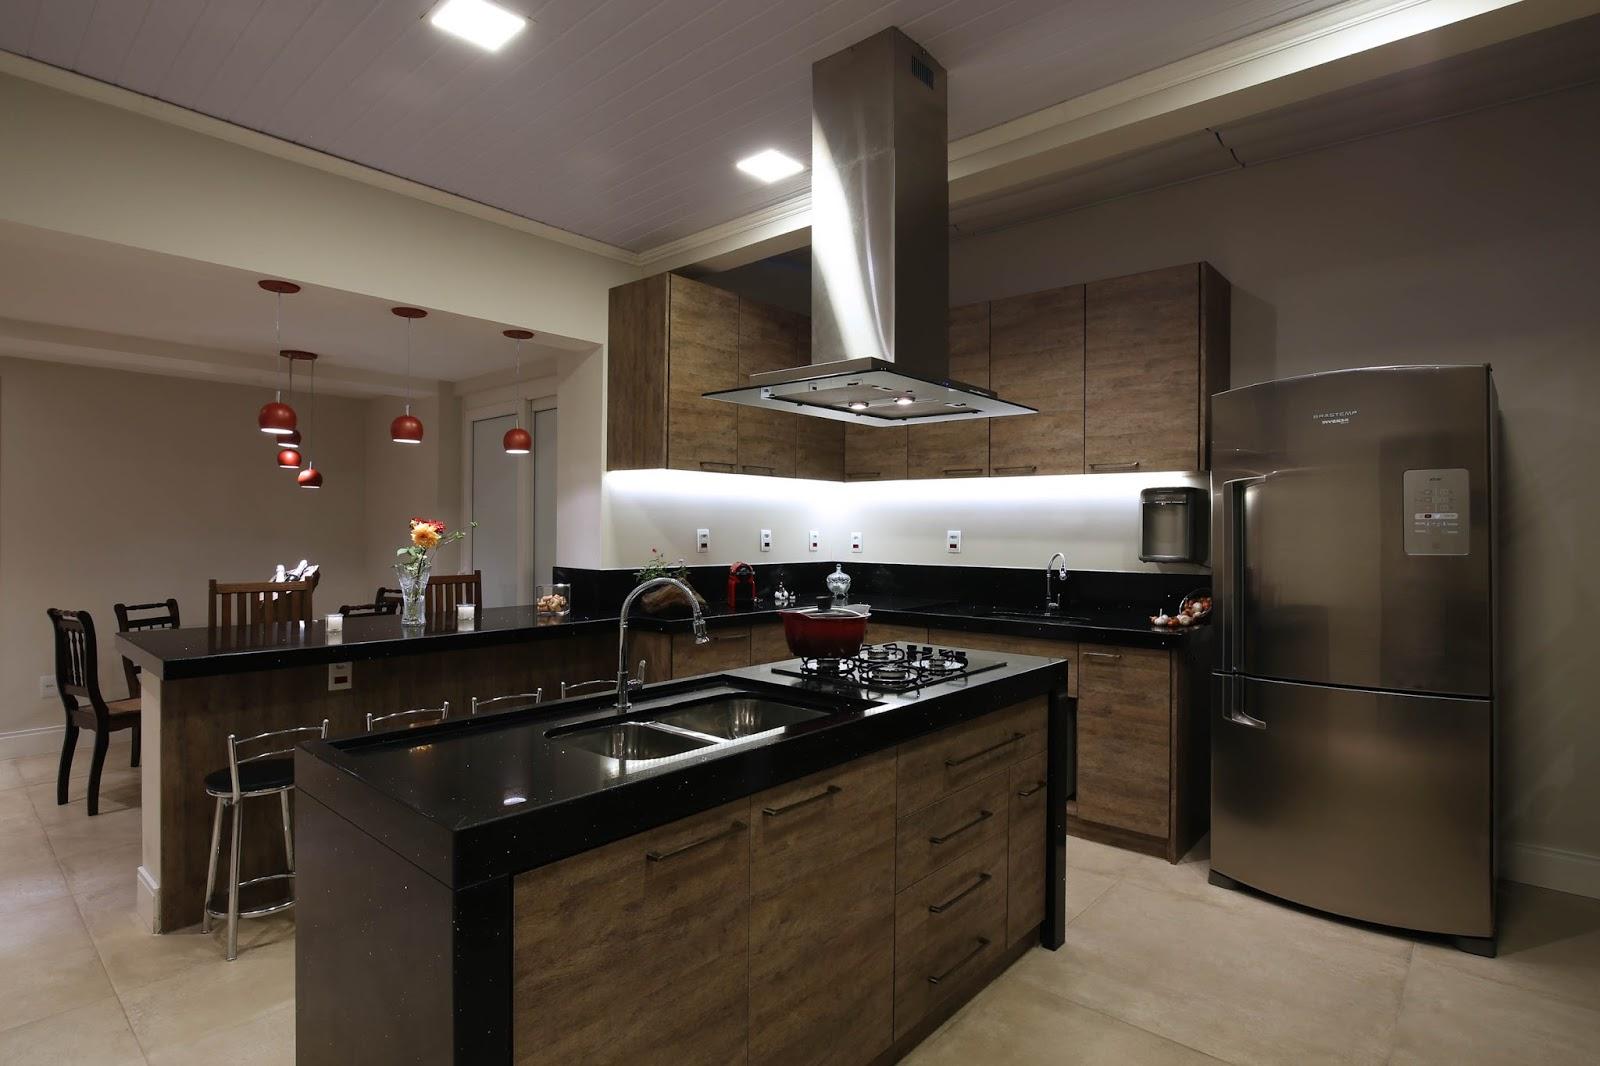 Ilha Cozinha Cozinha Com Ilha Cozinha Planejada Com Bancada Em